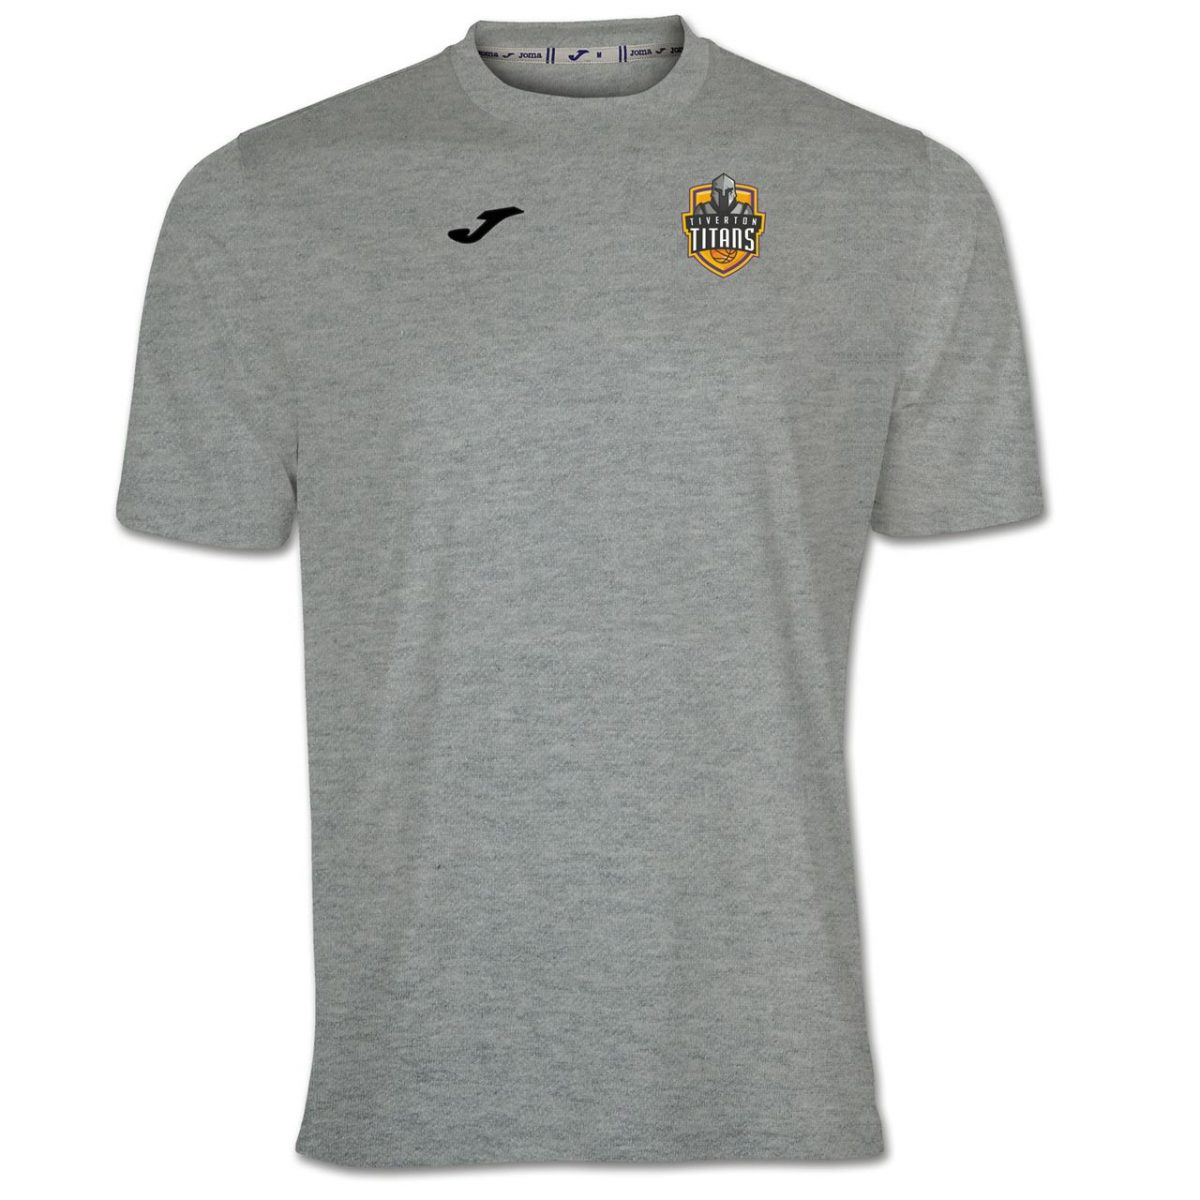 Tiverton Titans Combi T Shirt